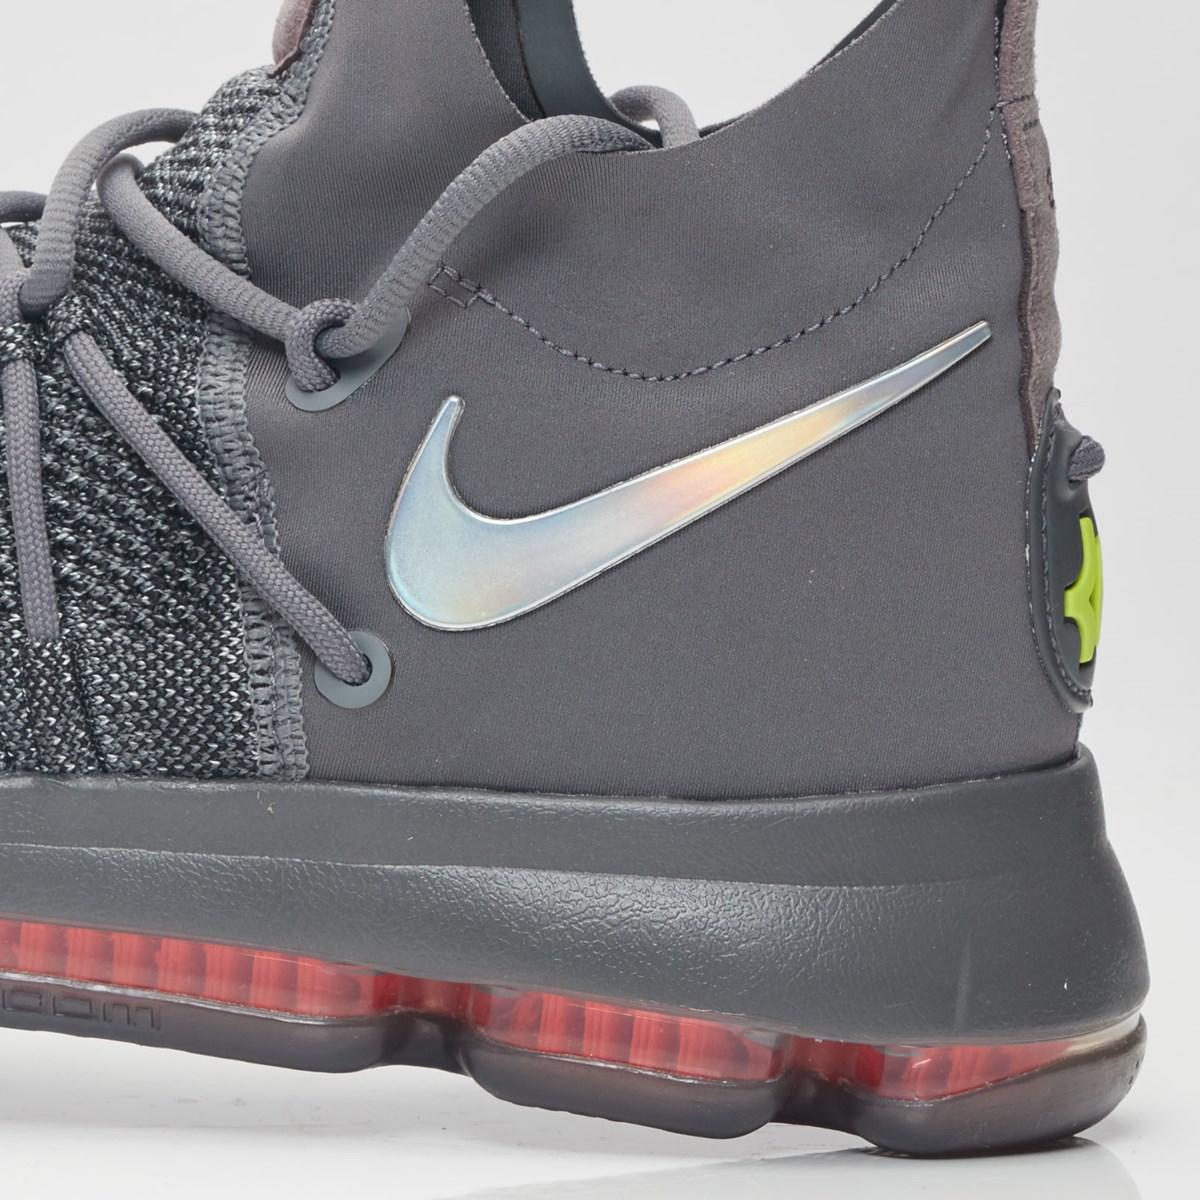 f85f700d9216 Nike Zoom Kd9 Elite Ts - 909139-013 - Sneakersnstuff